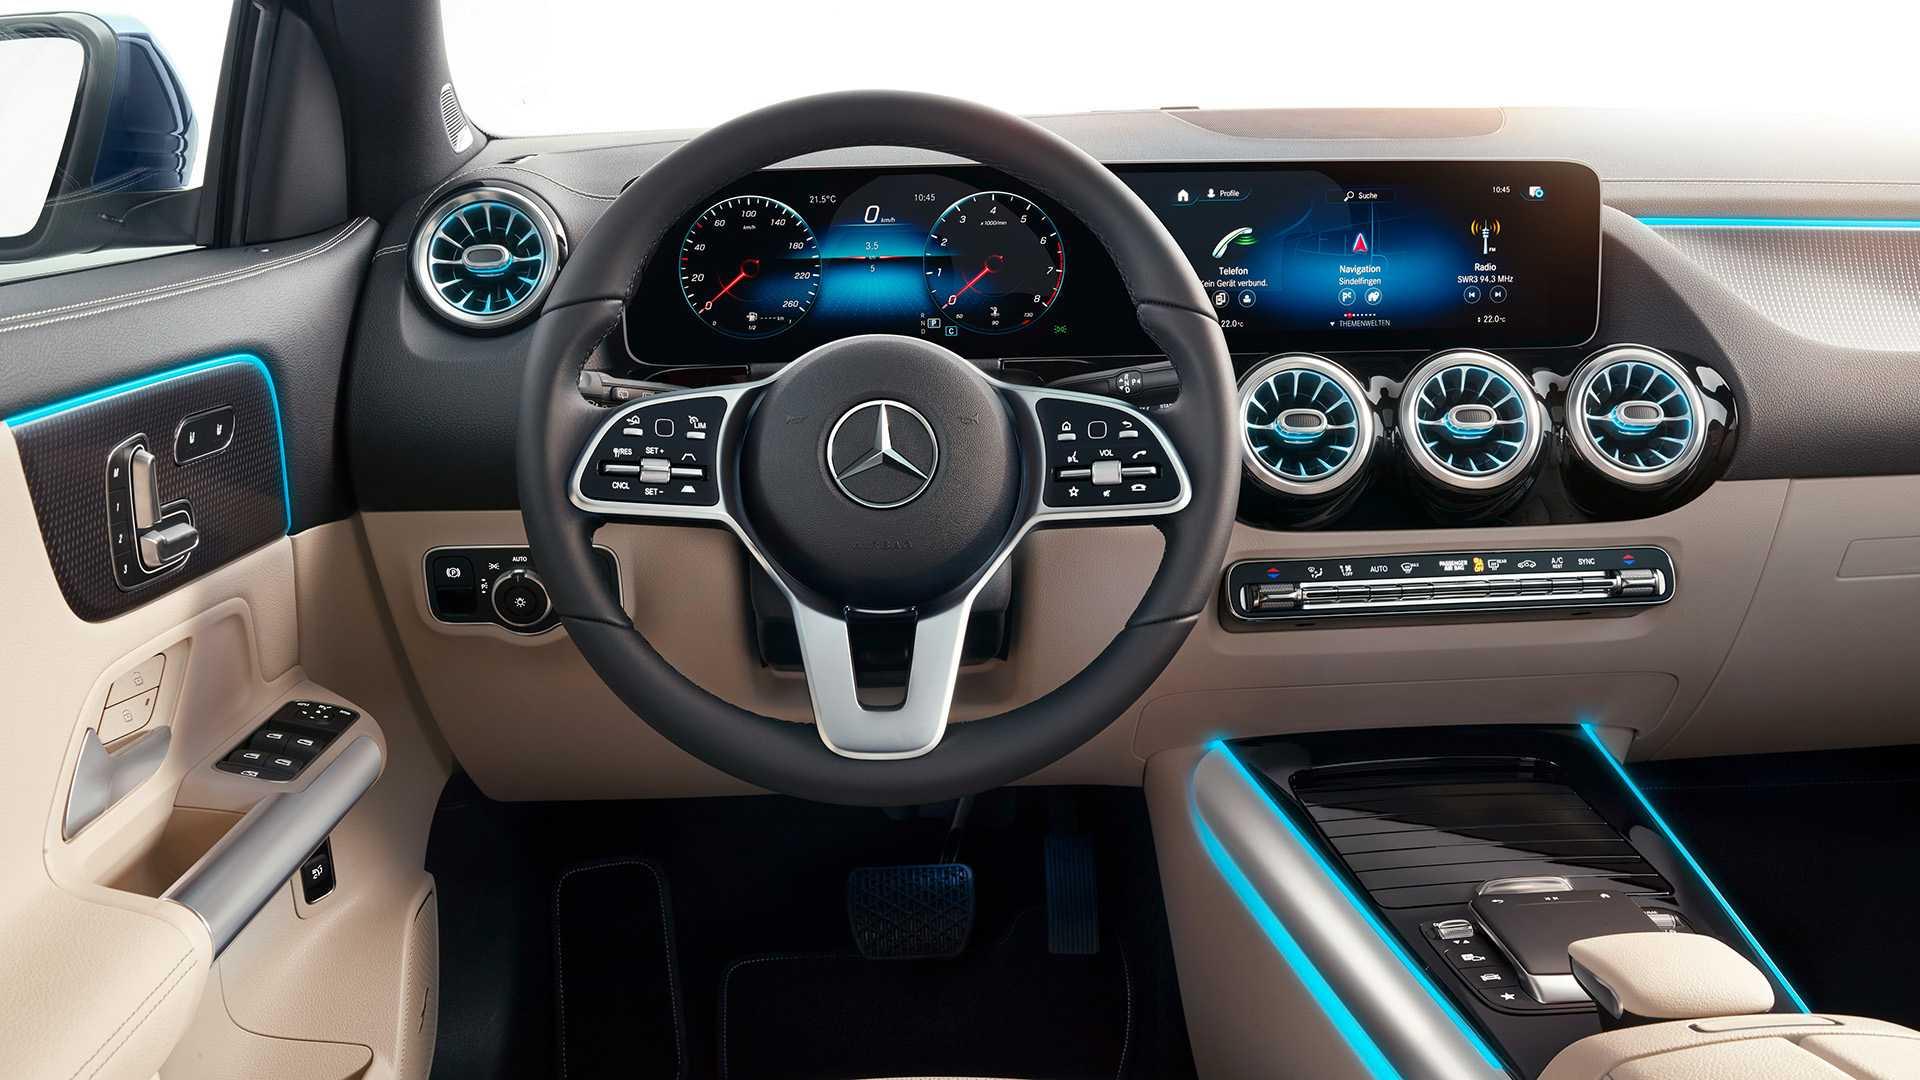 Ra mắt Mercedes-Benz GLA 2021 thế hệ mới, nhiều cải tiến đáng chú ý - 09